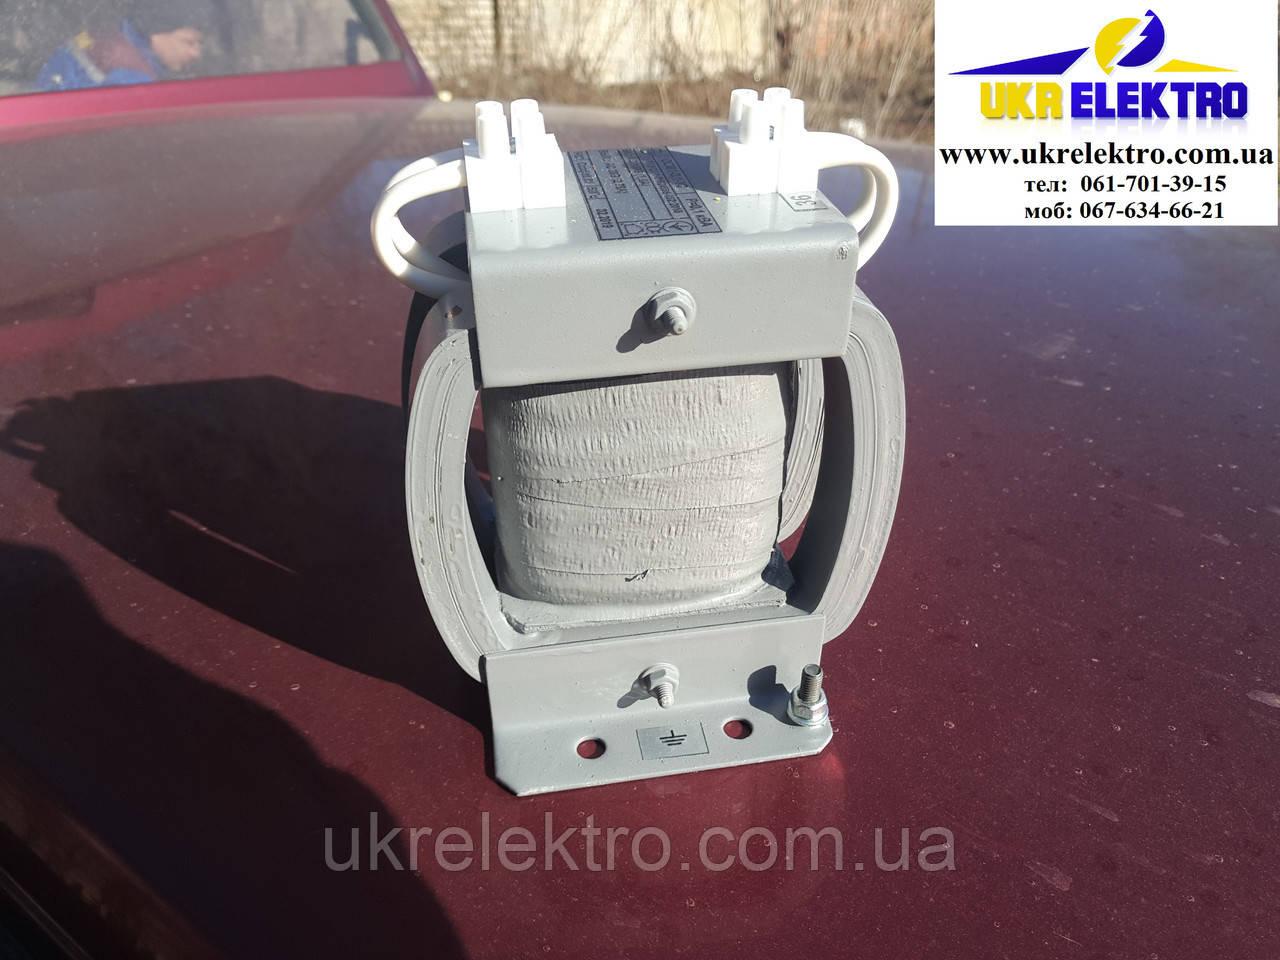 Трансформатор понижающий однофазный низковольтный ОСМ-1 0,063